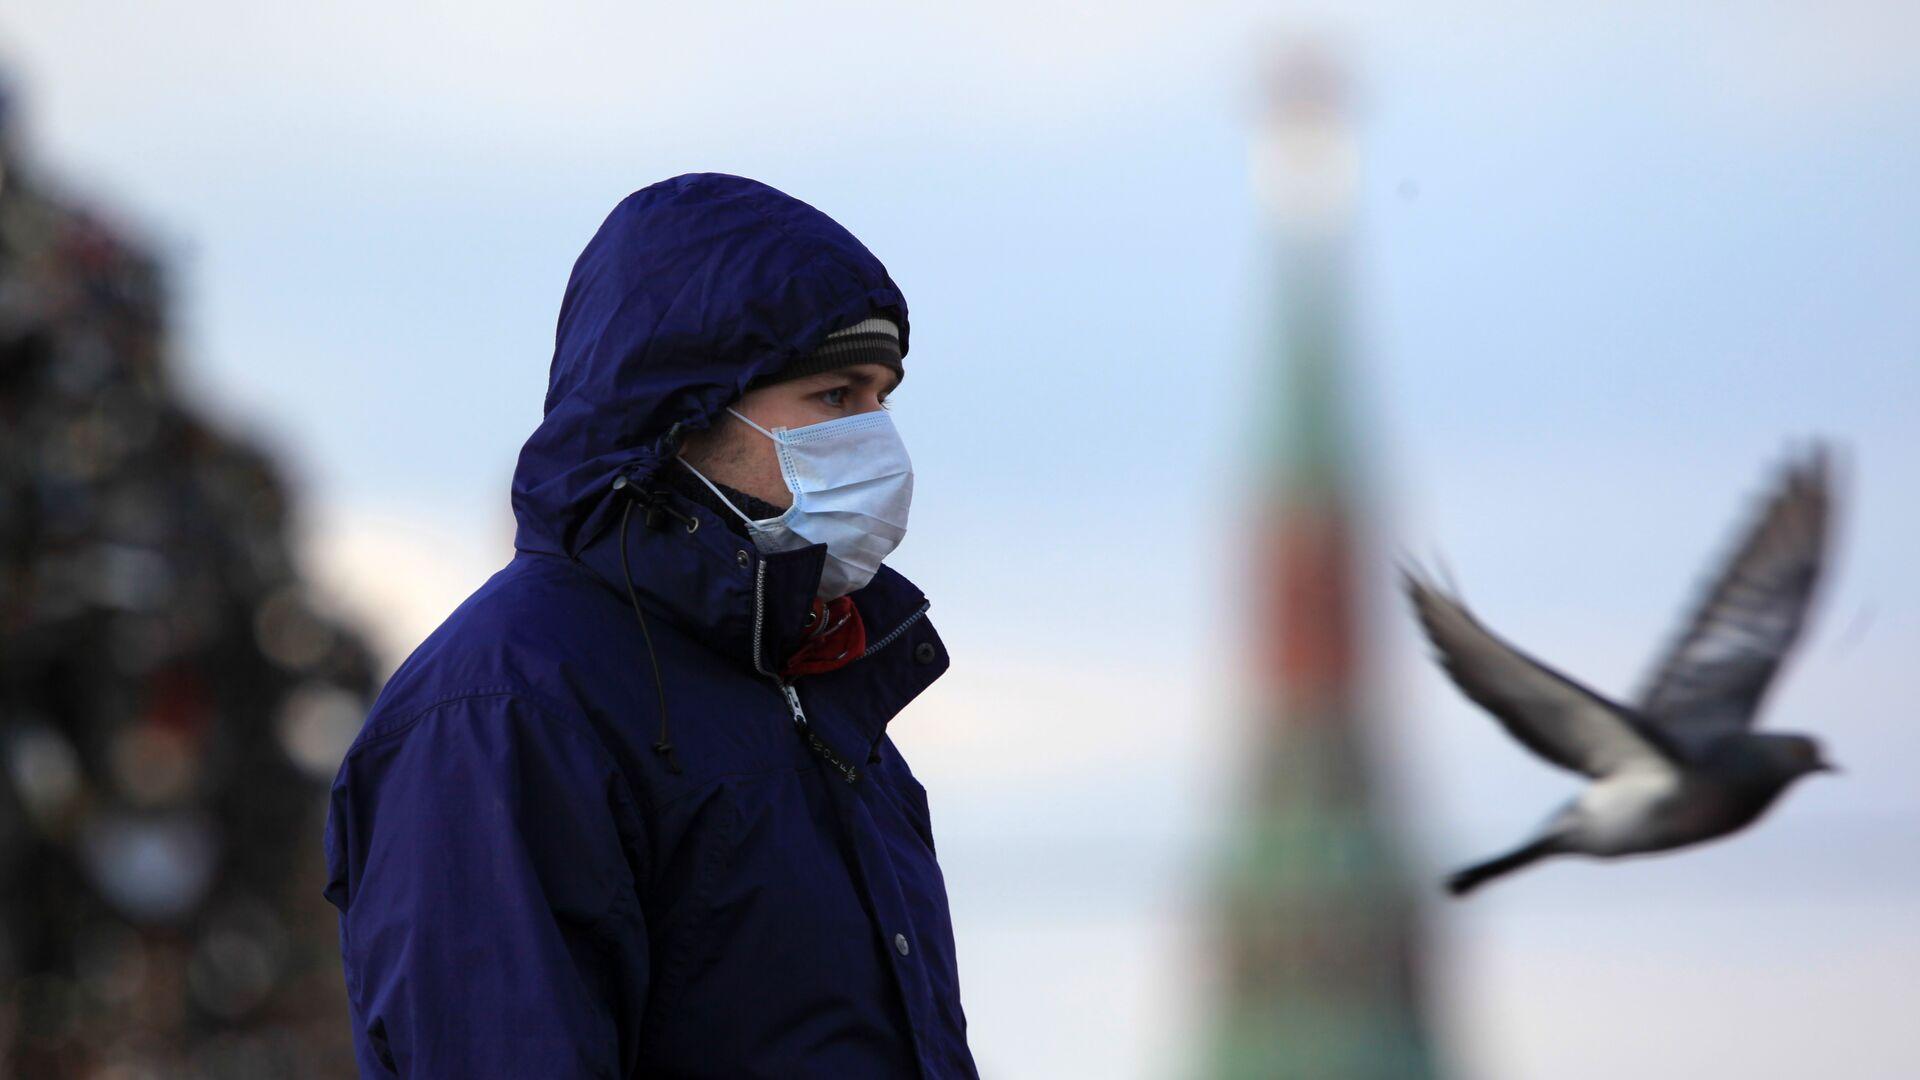 Меры предосторожности для защиты от вируса свиного гриппа - РИА Новости, 1920, 18.10.2020